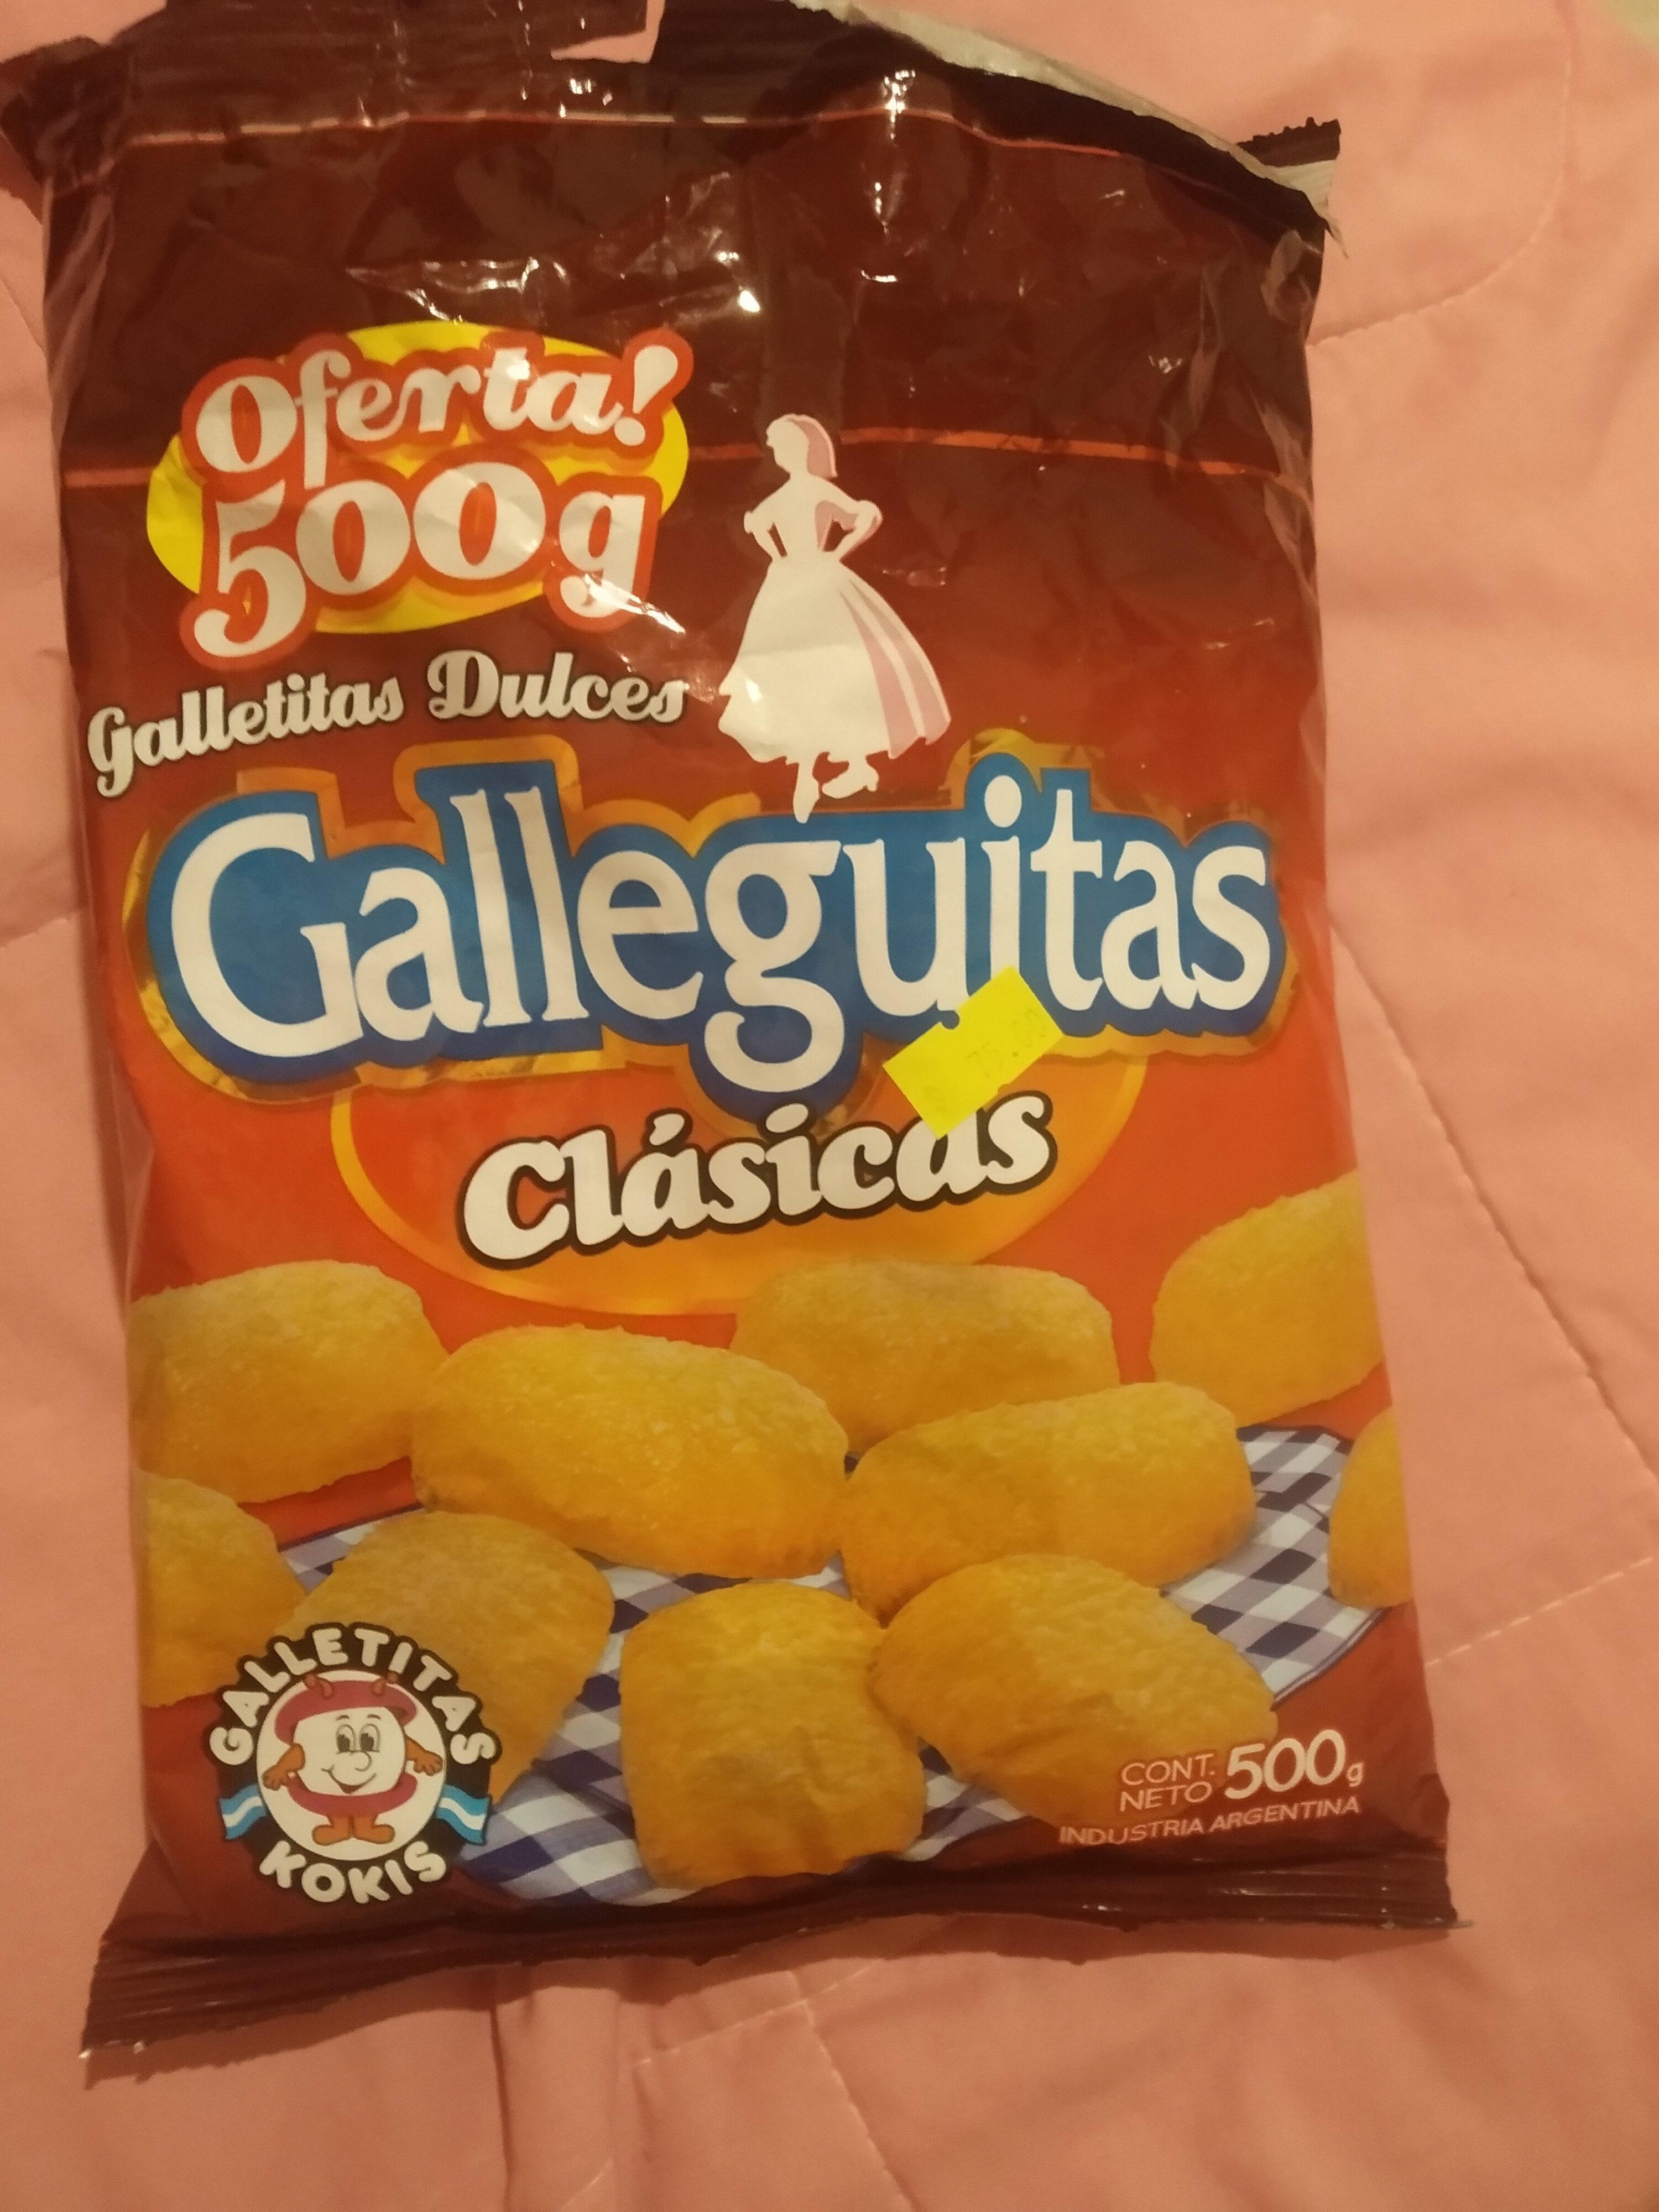 galleguitas - Produto - es